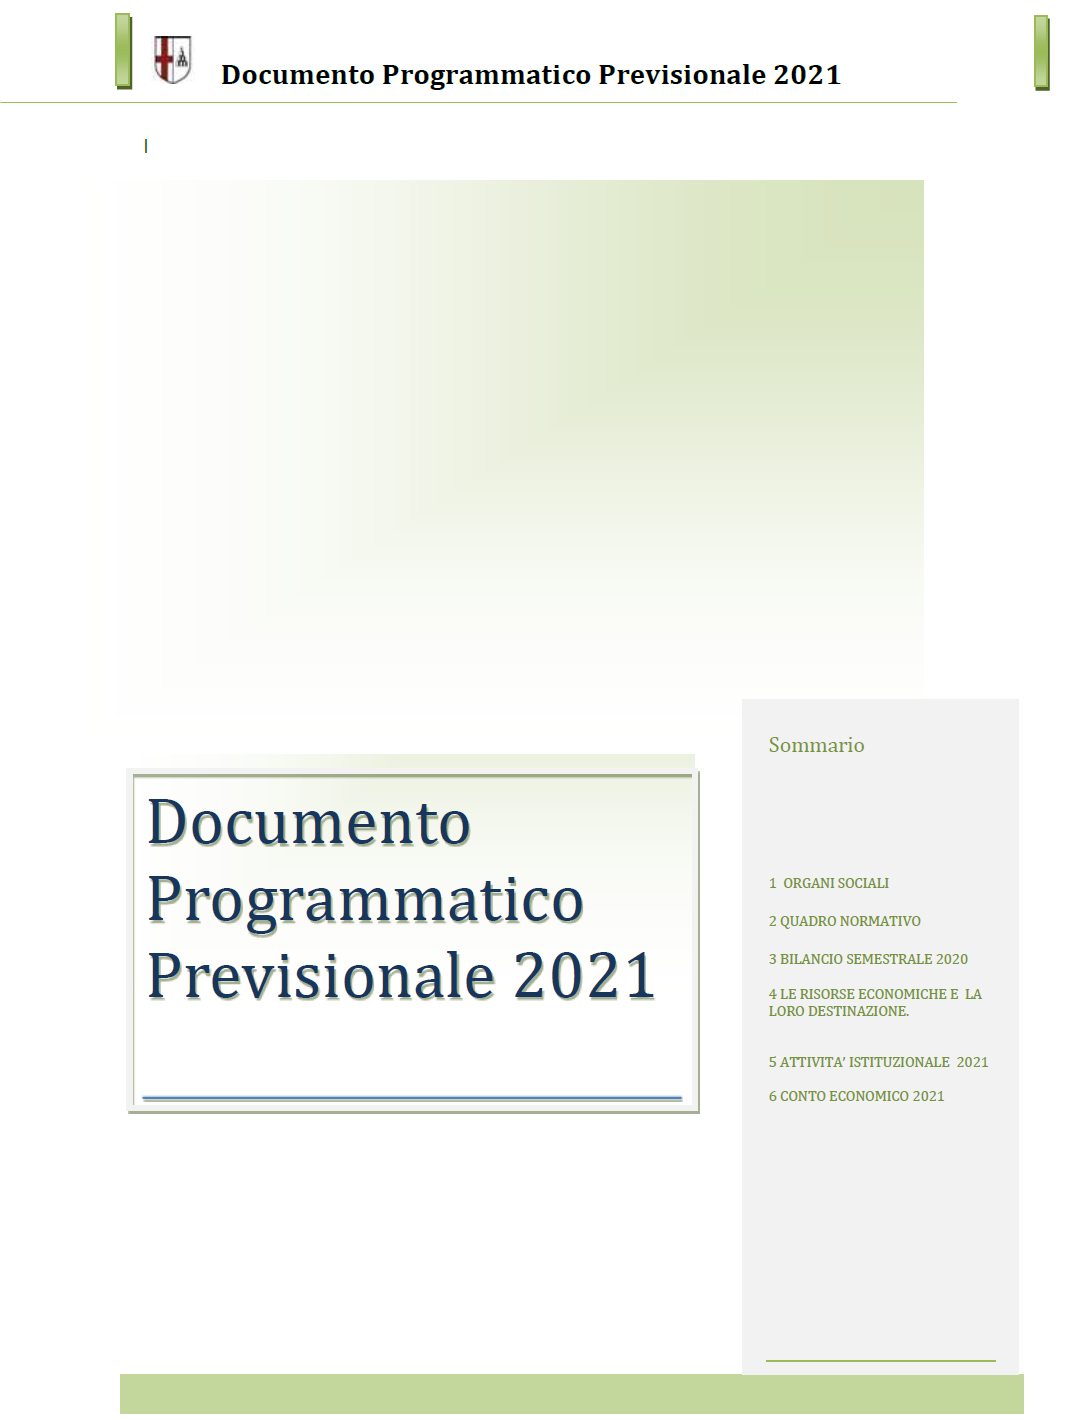 DPP 2021 Foto